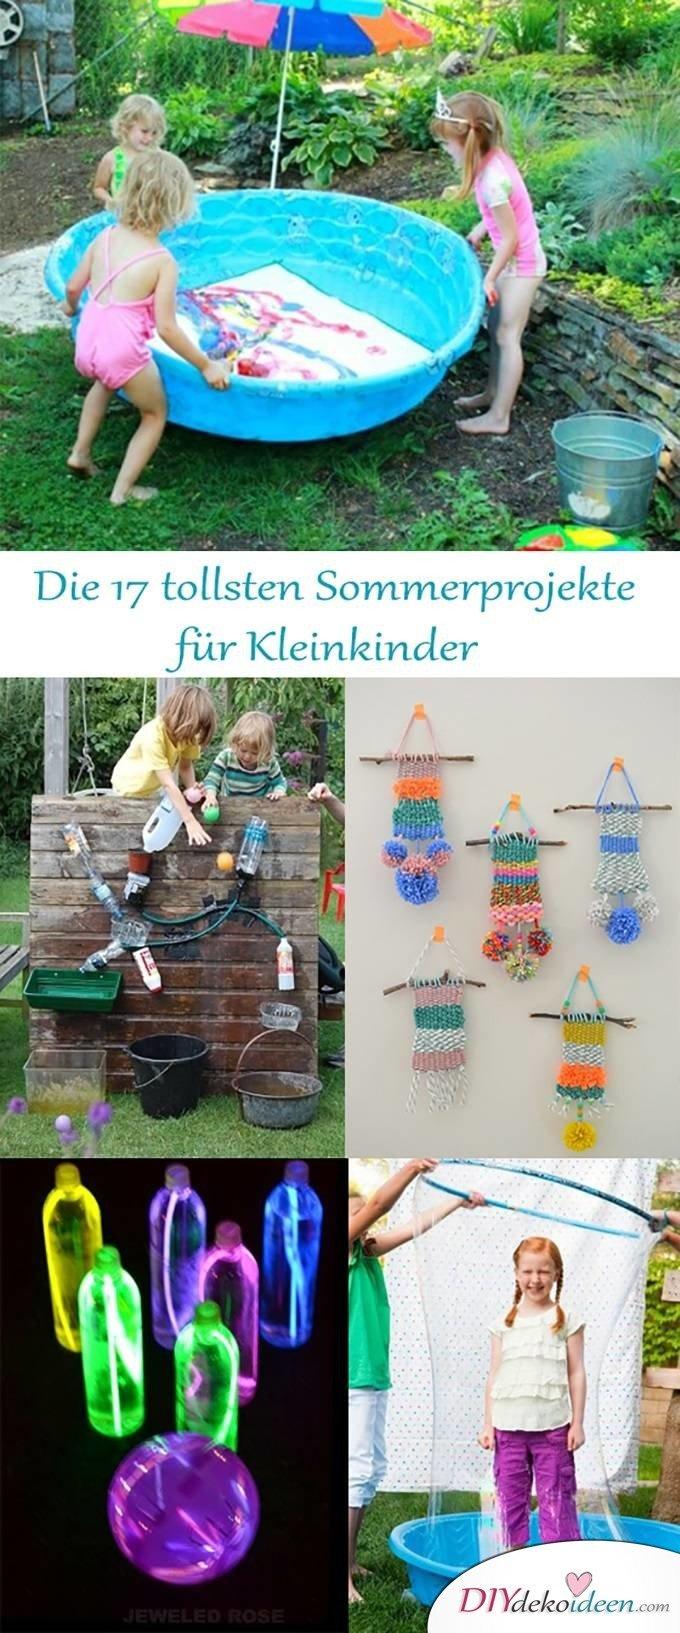 Sommerprojekte zum Basteln mit Kleinkindern